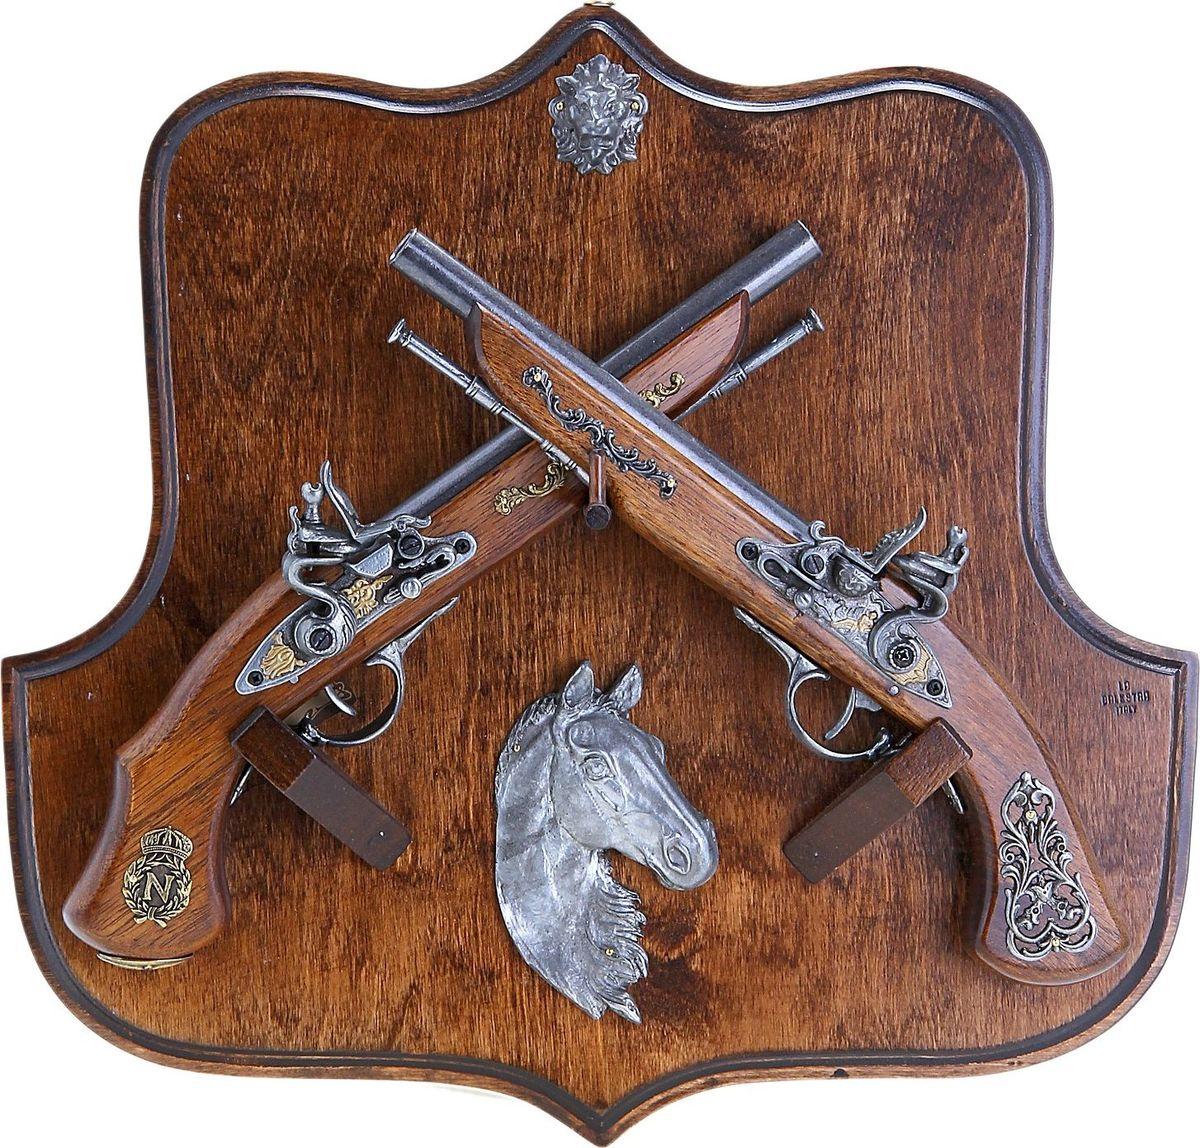 Сувенирное оружие La Balestra Макет 2 пистолей Horse, на планшете, 42 х 42 х 10 см 2 х комфорочную варочную панель